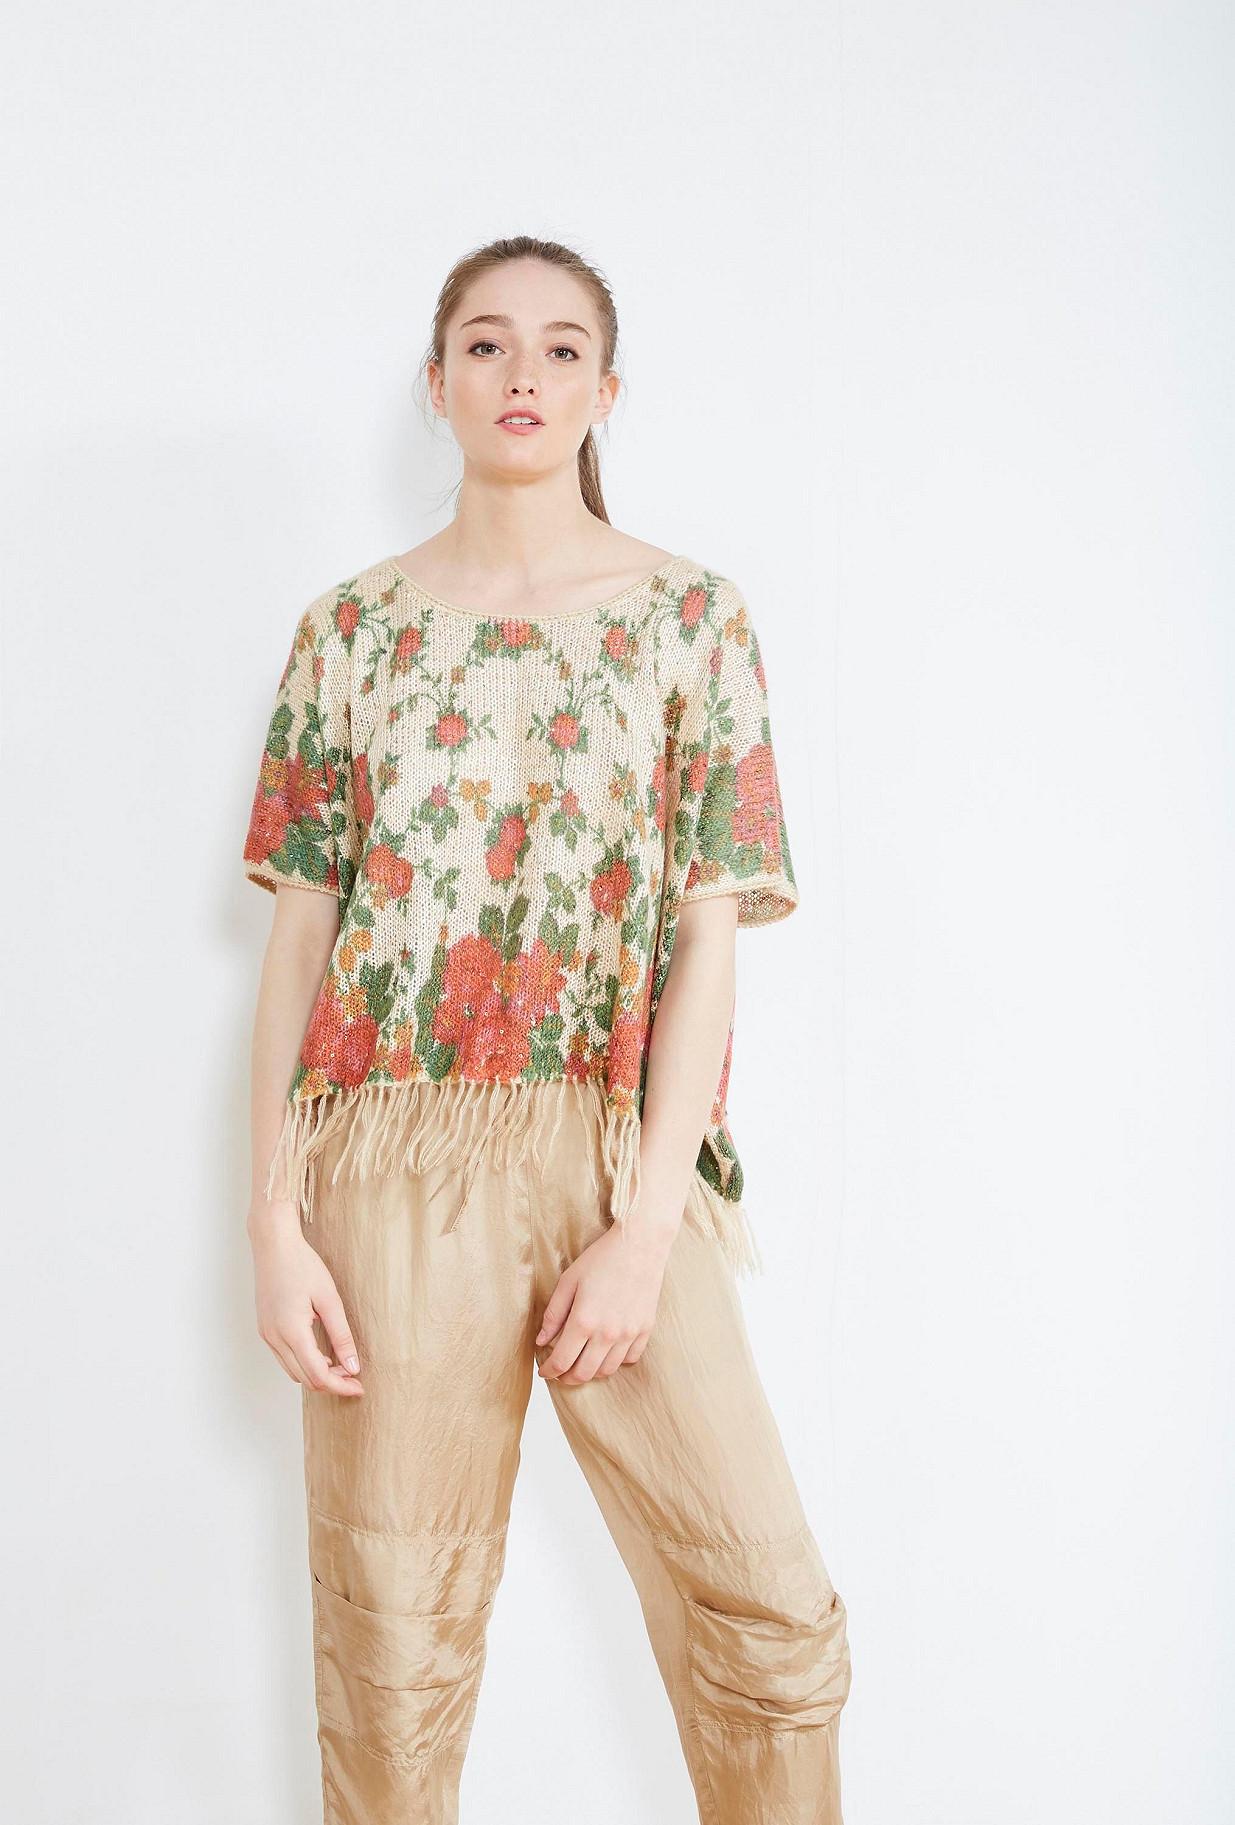 PONCHO Imprimé fleuri  Macha mes demoiselles paris vêtement femme paris